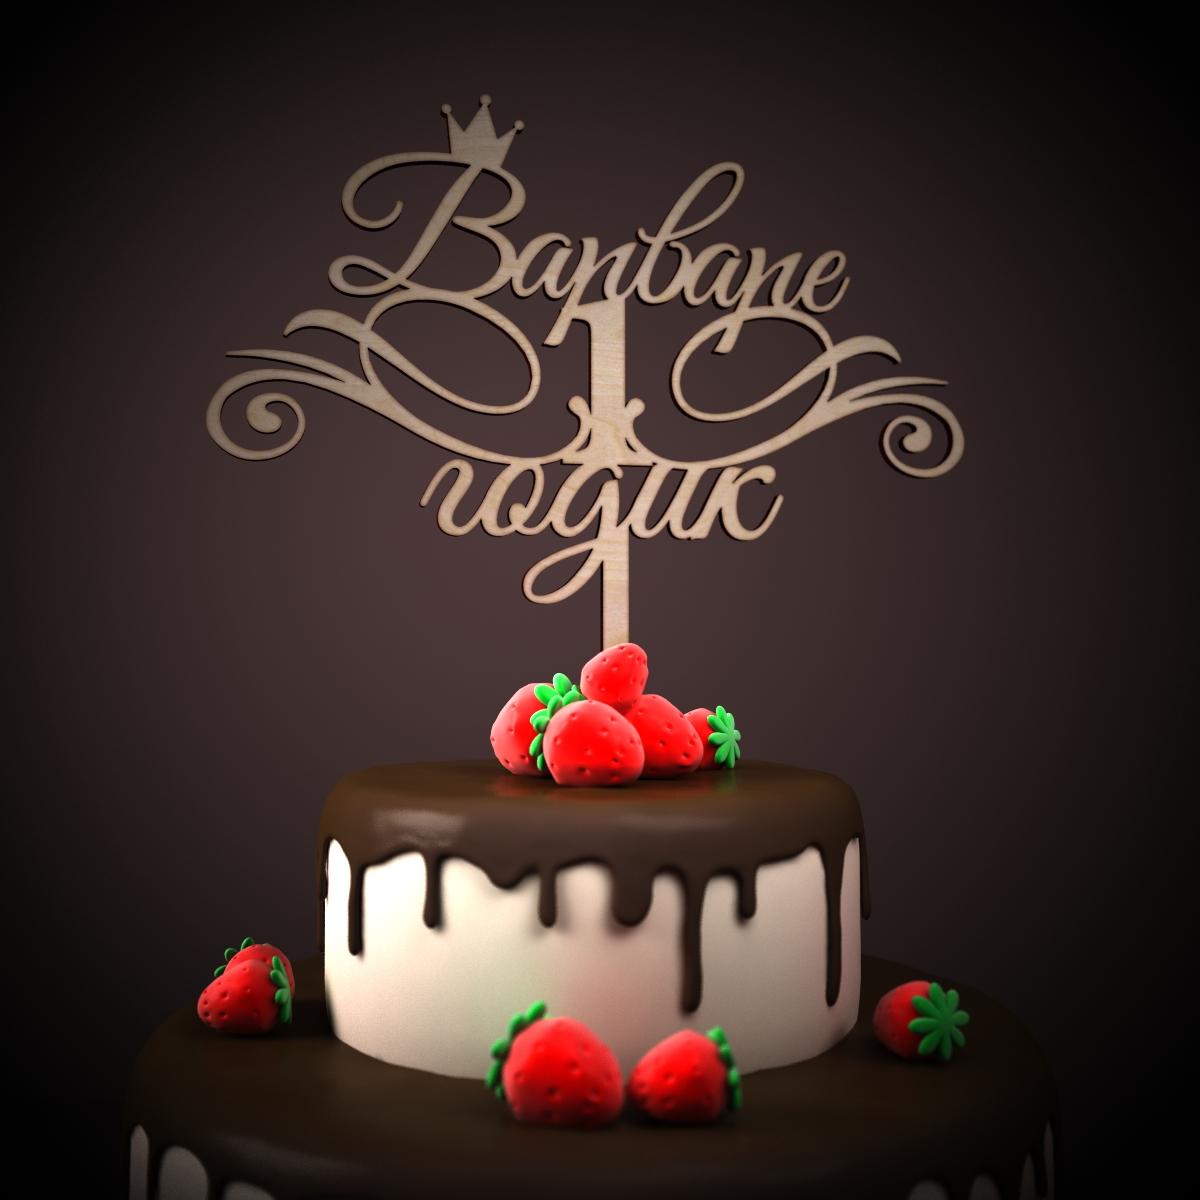 Поздравление с днем рождения варваре 1 годик